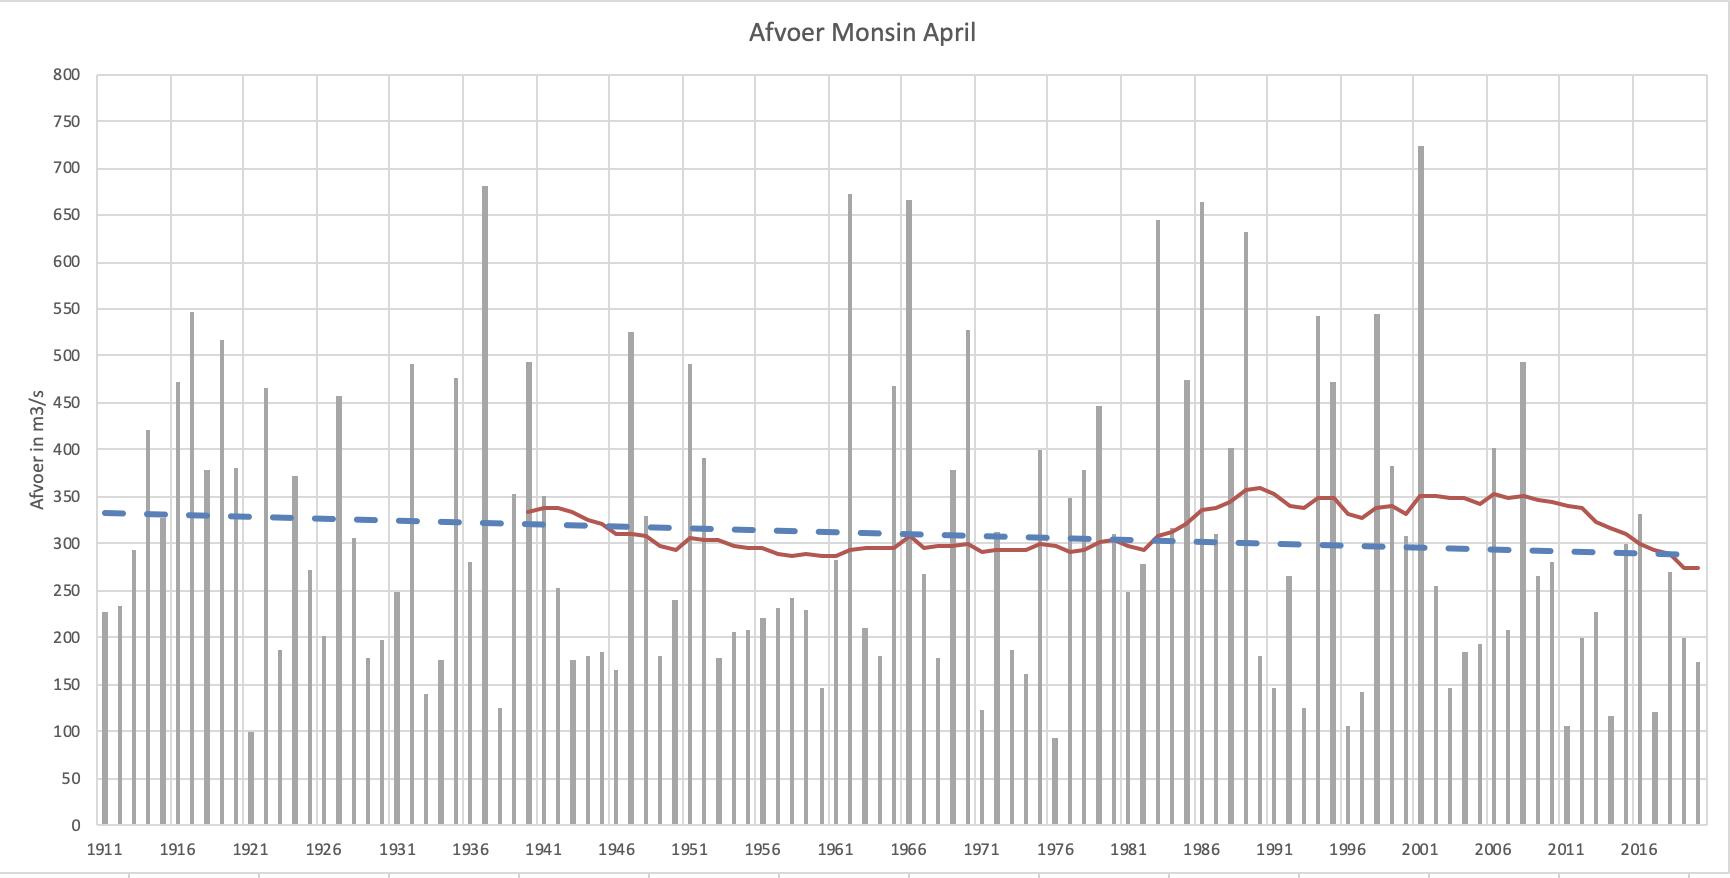 Maasavoer in april bij Monsin met trendlijn en 30-jarig gemiddelde